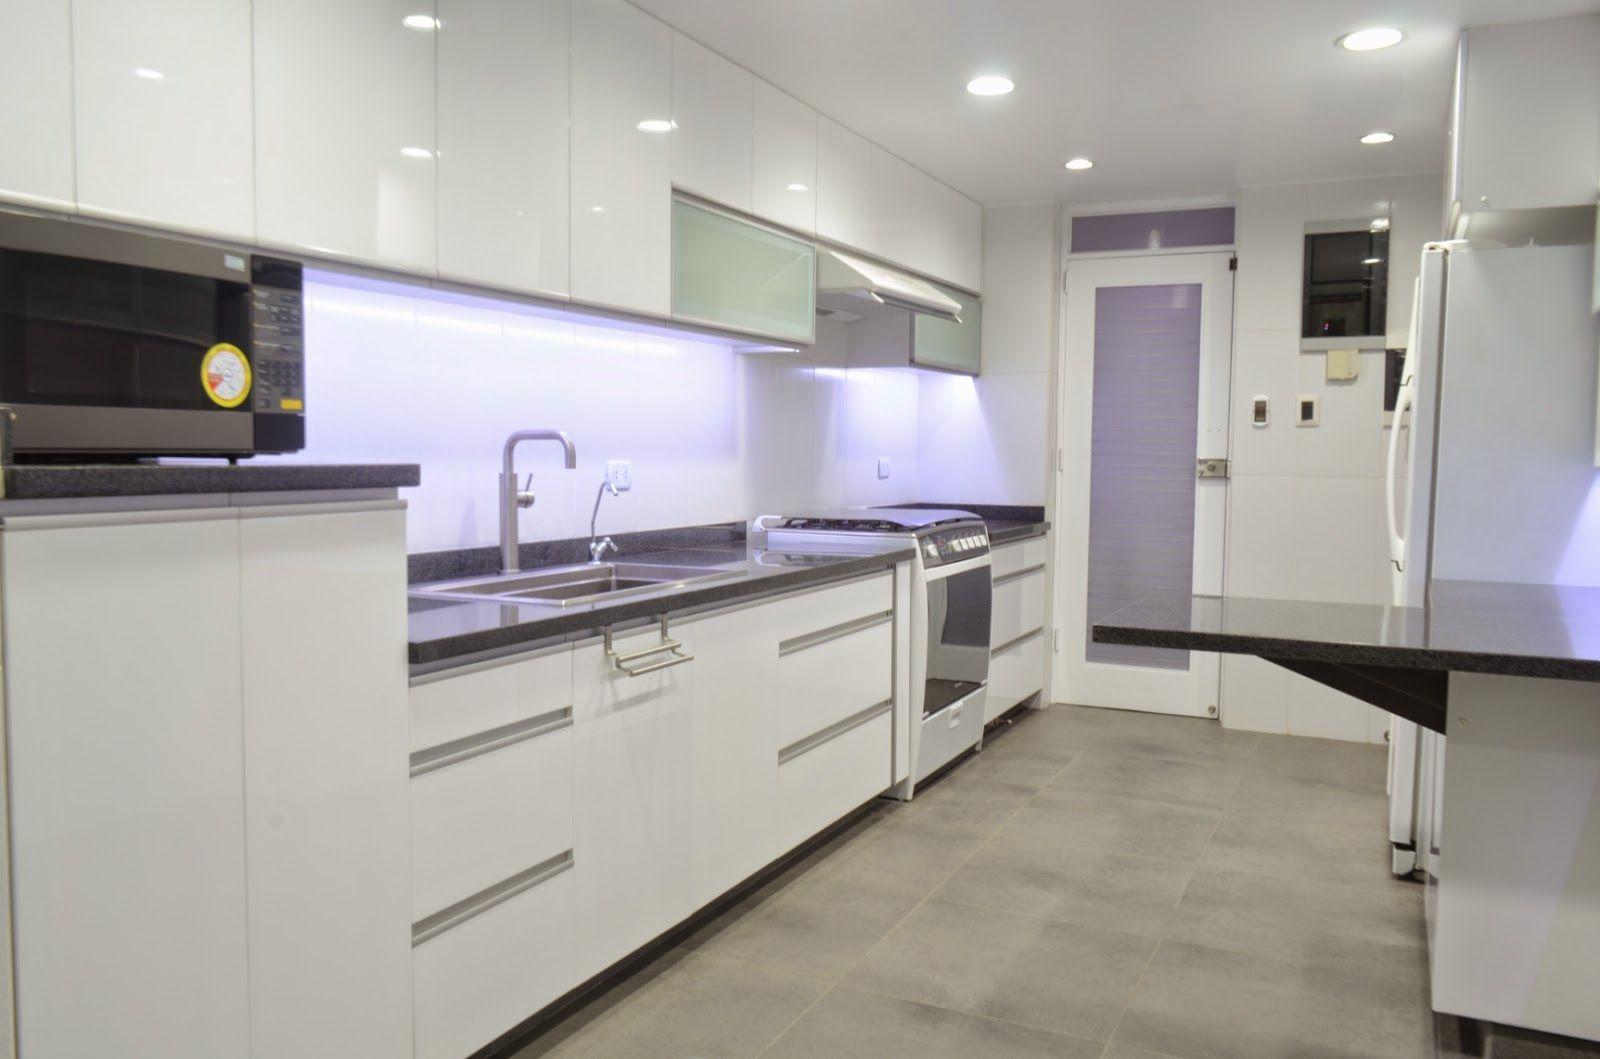 Mueble cocina en melamine y acabado poliuretano con encimera de marmol granito y cuarzo con - Mueble encimera cocina ...